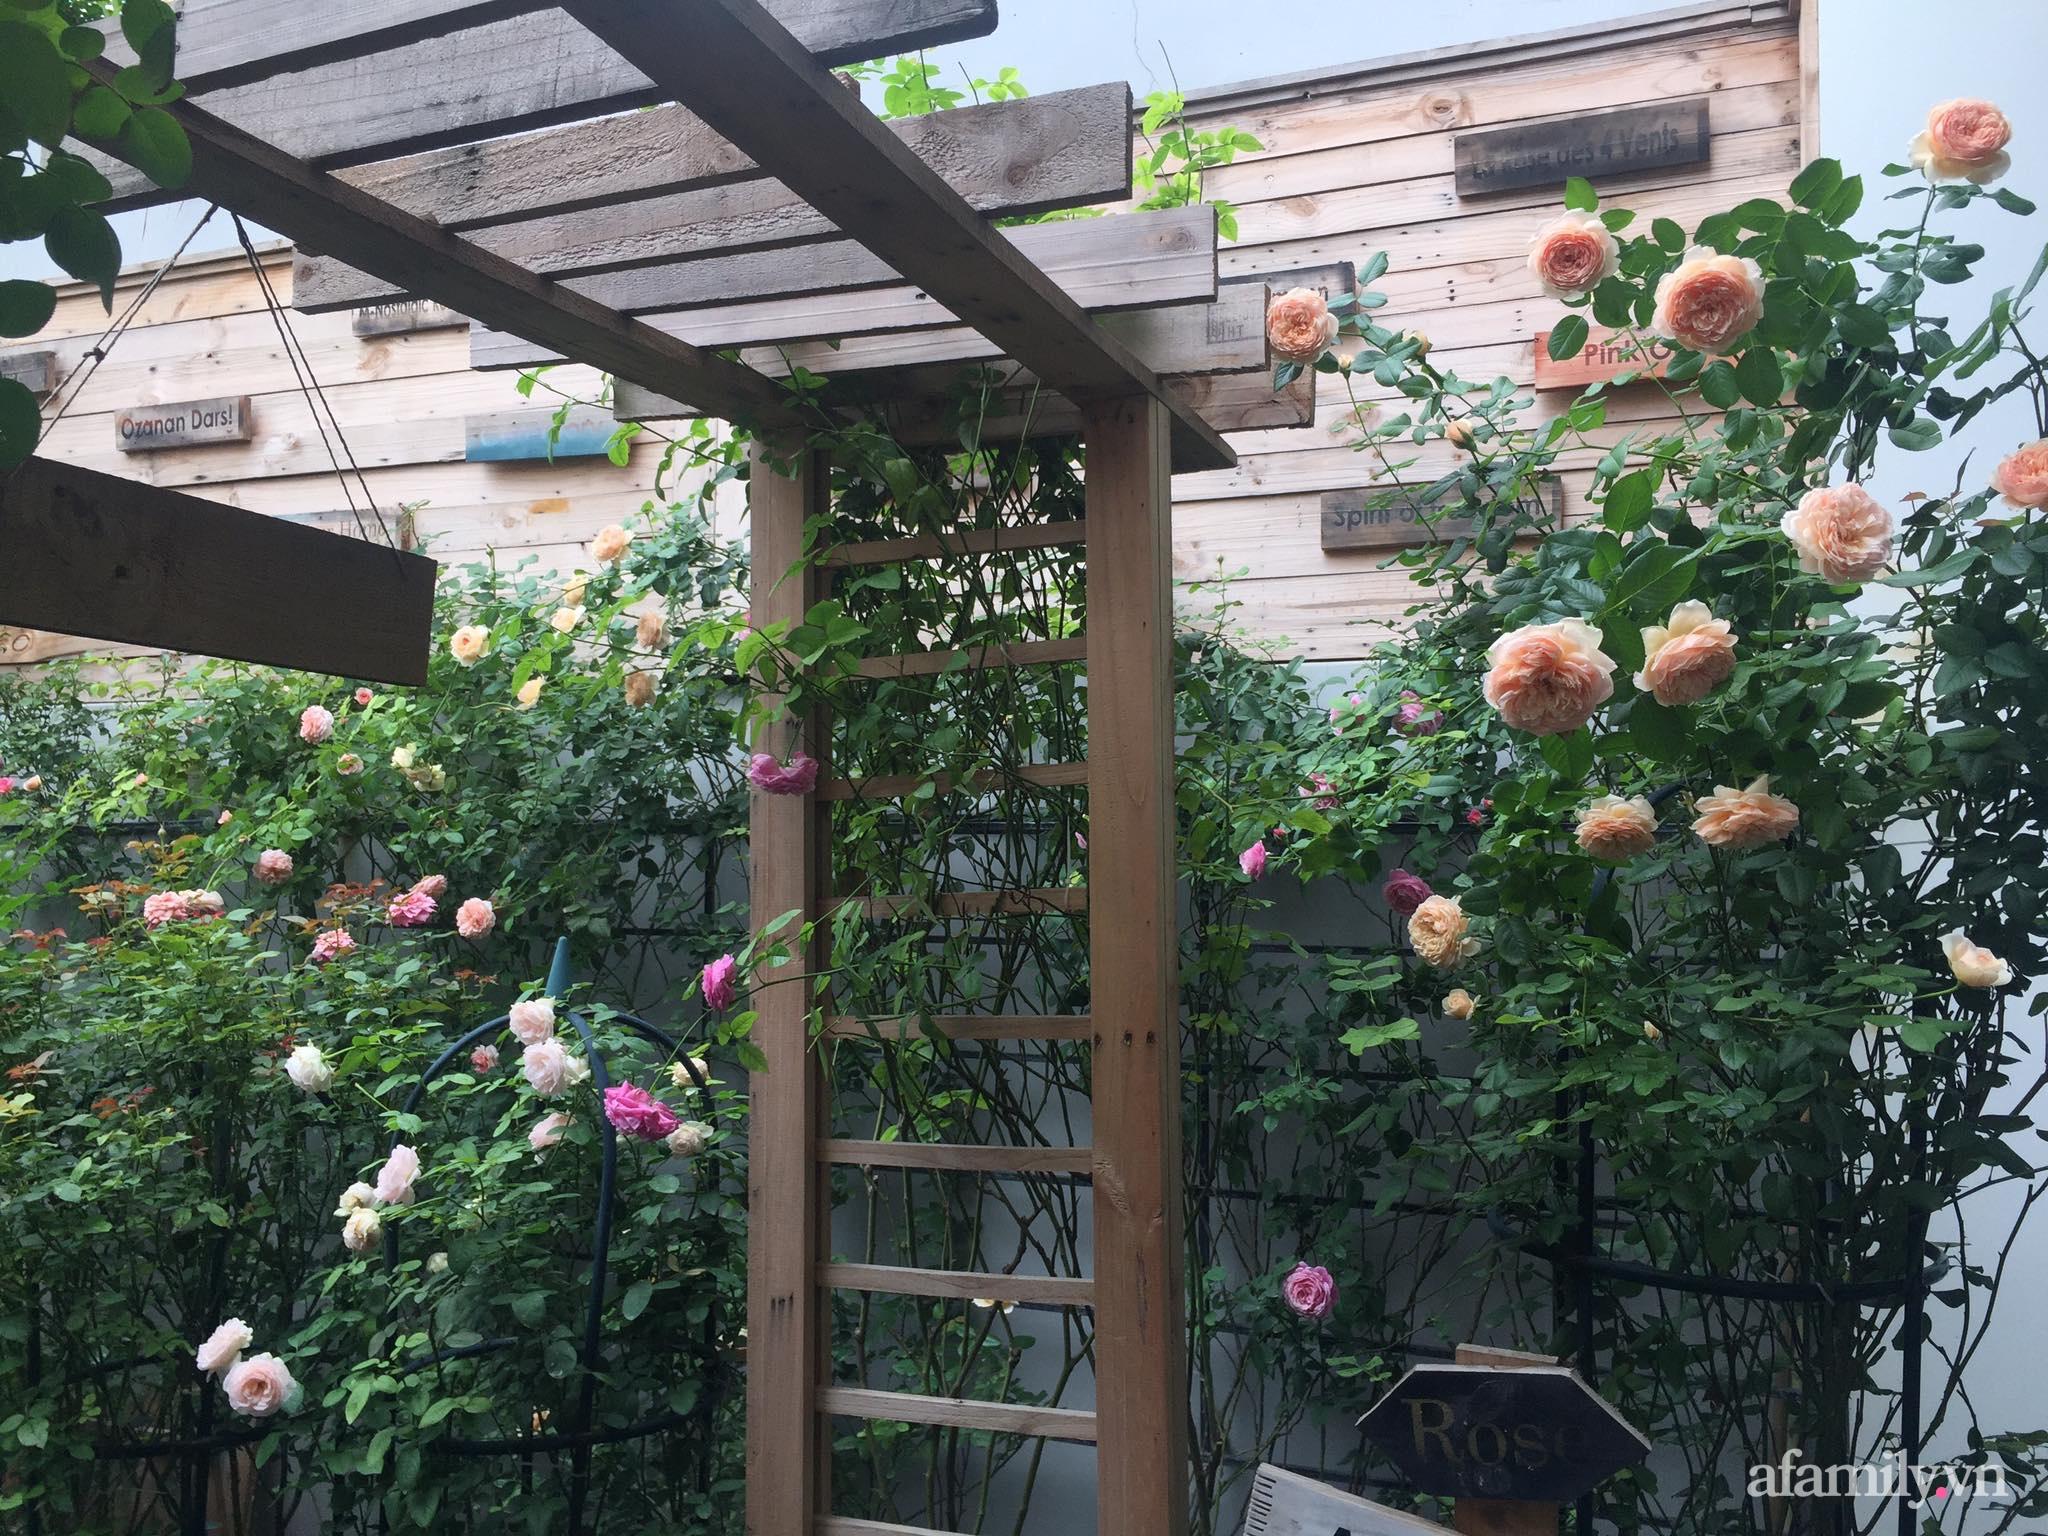 Vườn hồng rực rỡ tỏa sắc hương trước sân nhà đón hè sang của cặp vợ chồng trẻ Sải Gòn - Ảnh 3.